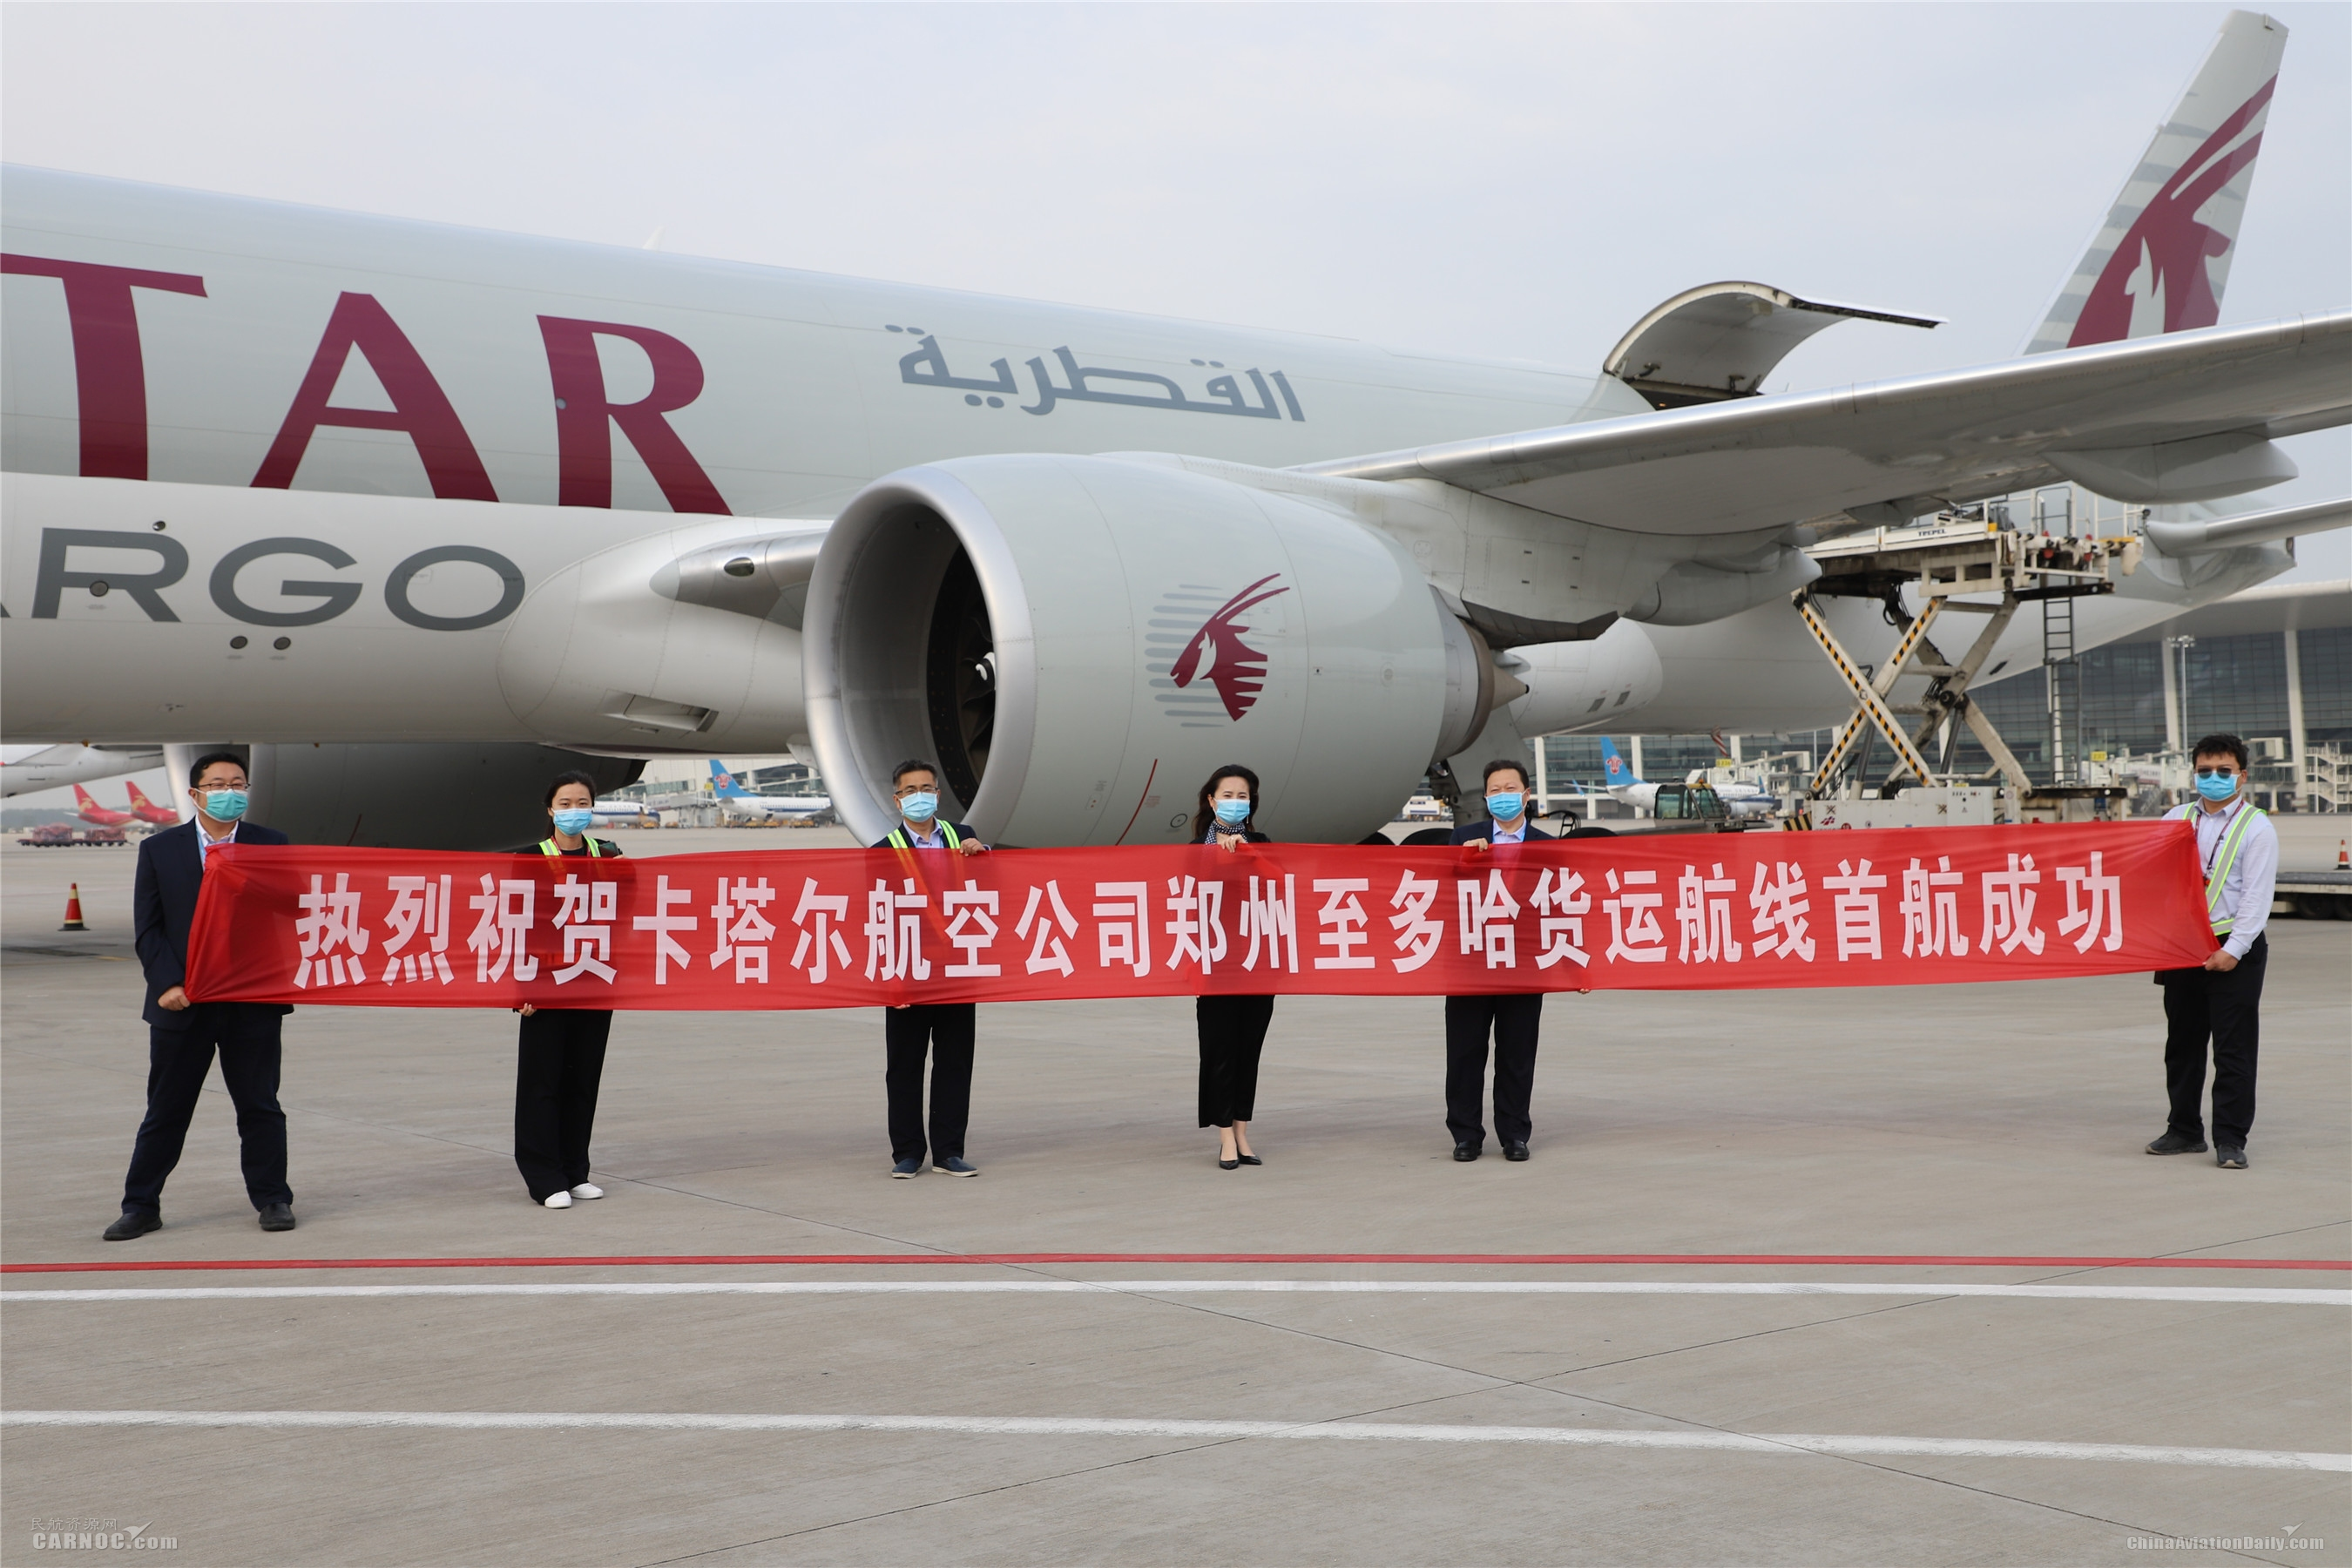 卡塔尔航空公司开通郑州至多哈货运航线